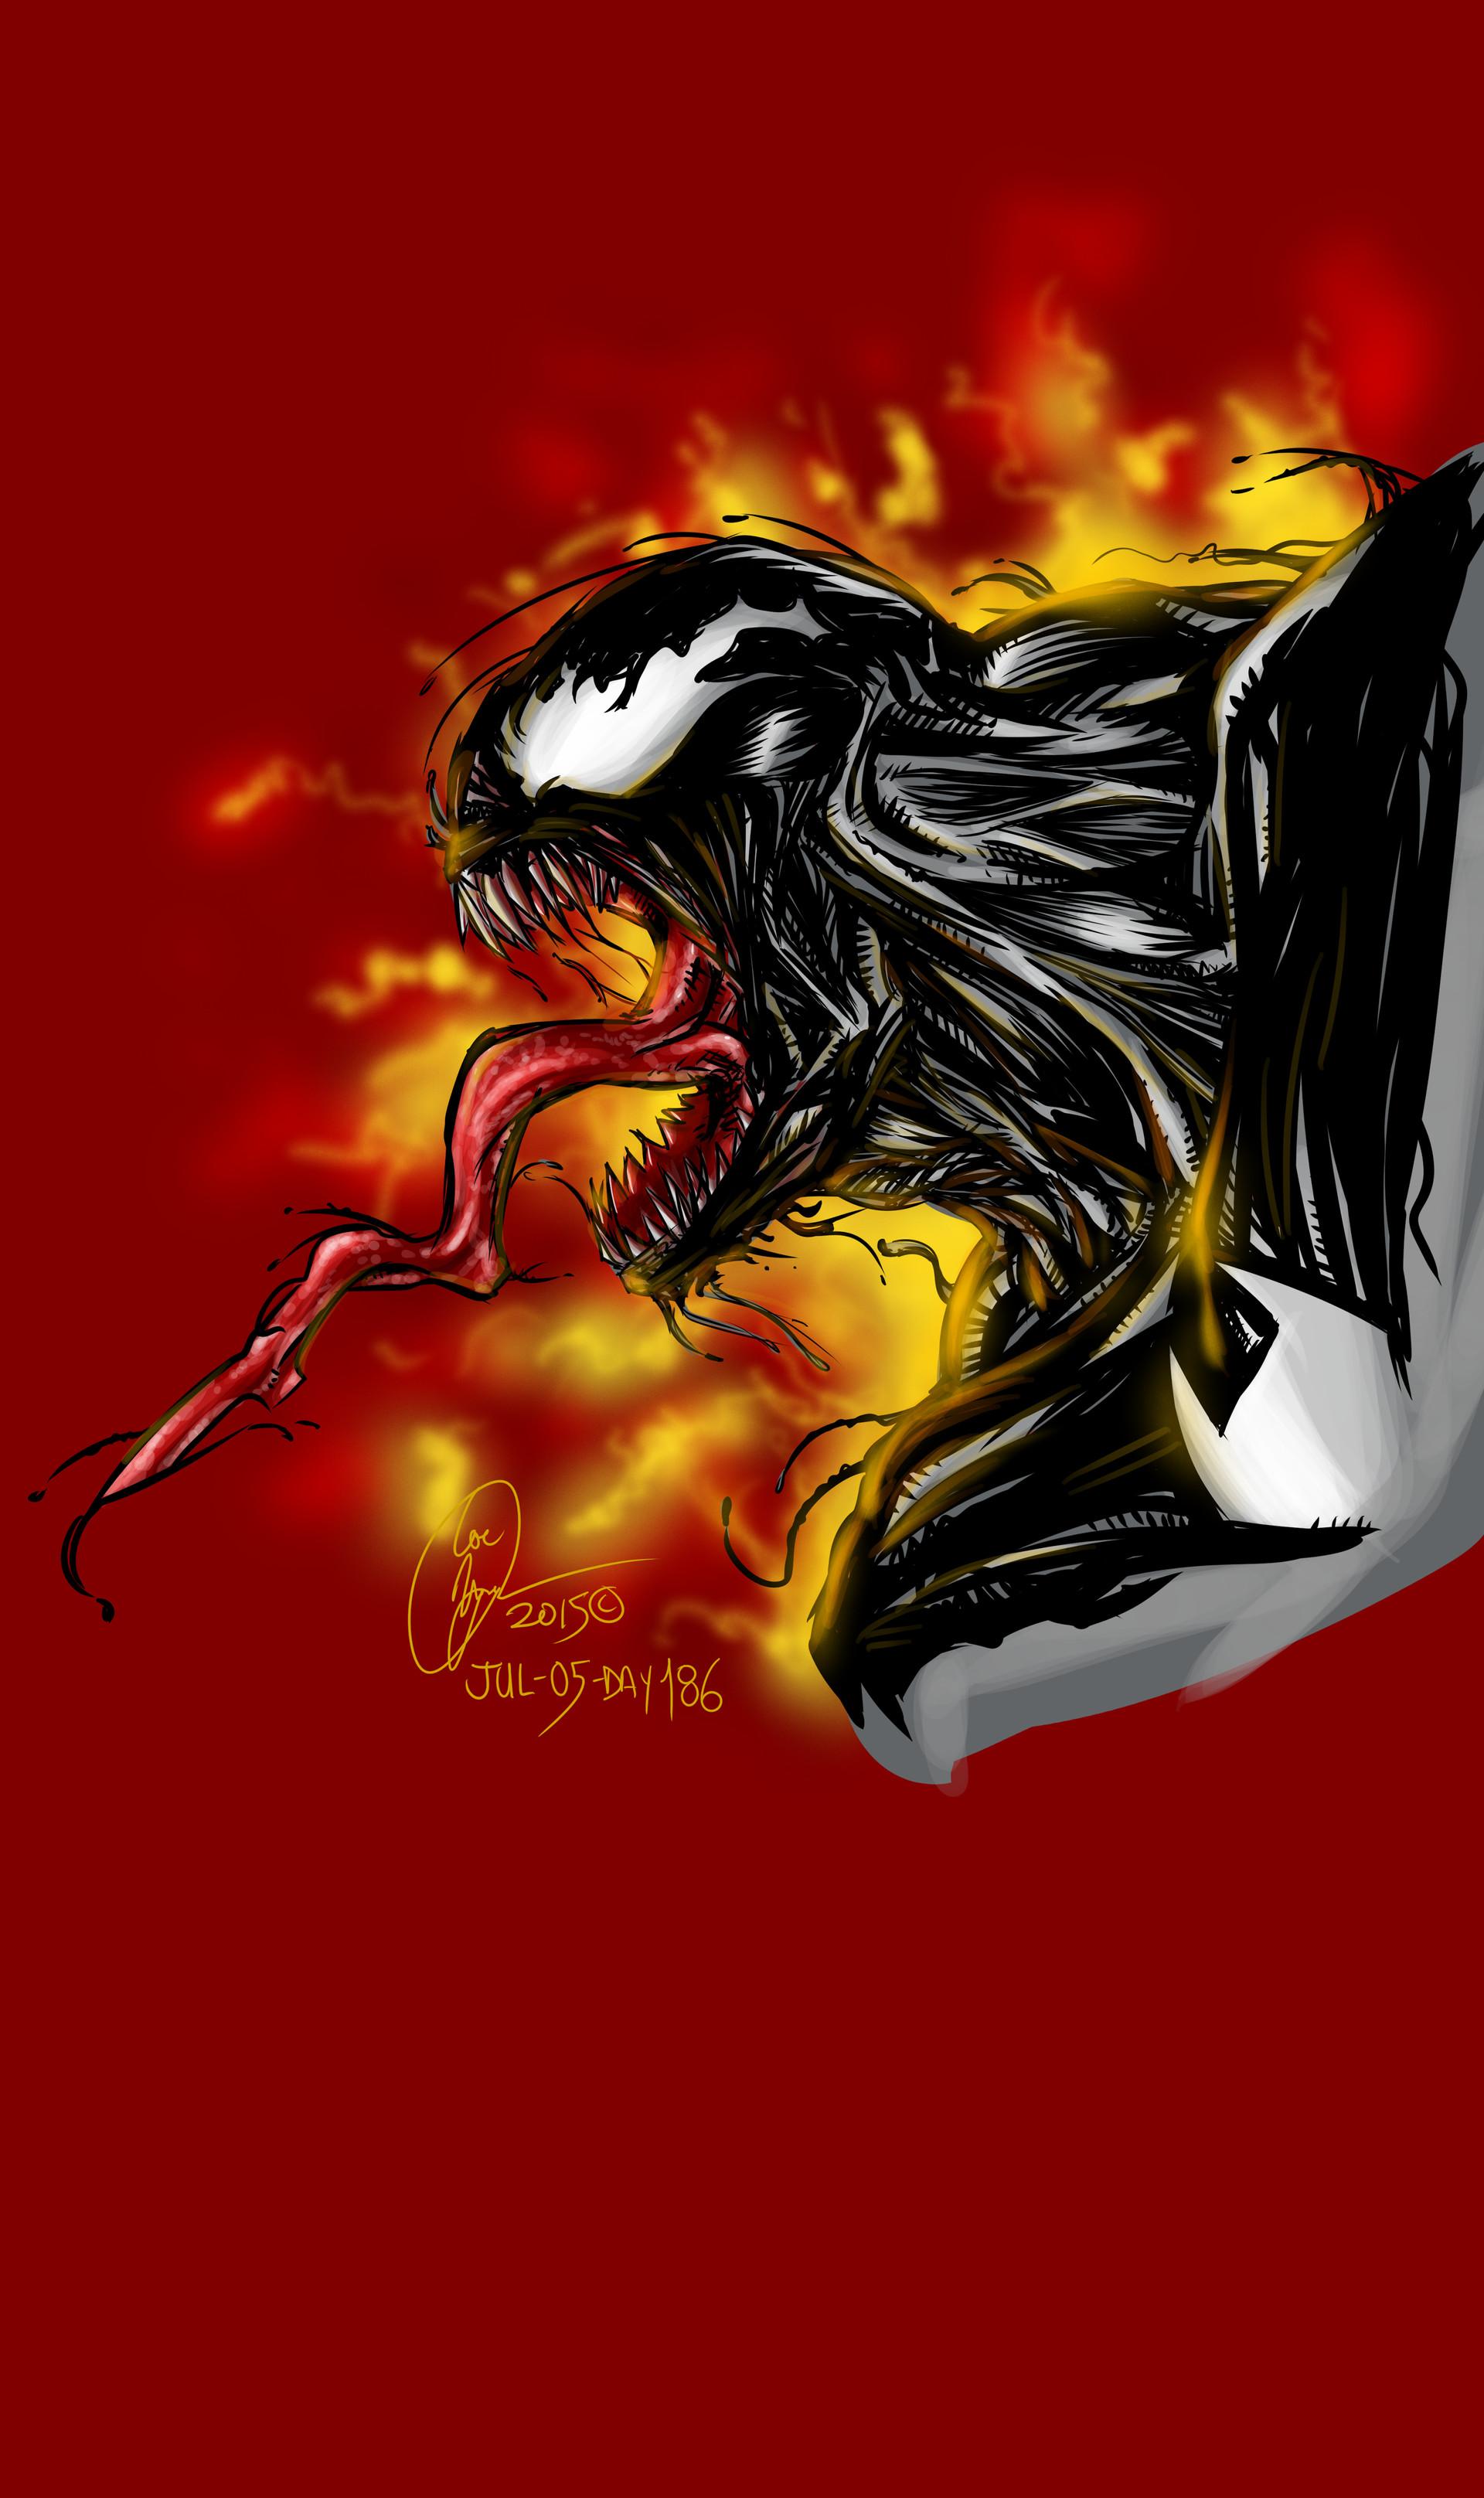 Loc nguyen 2015 07 05 venom